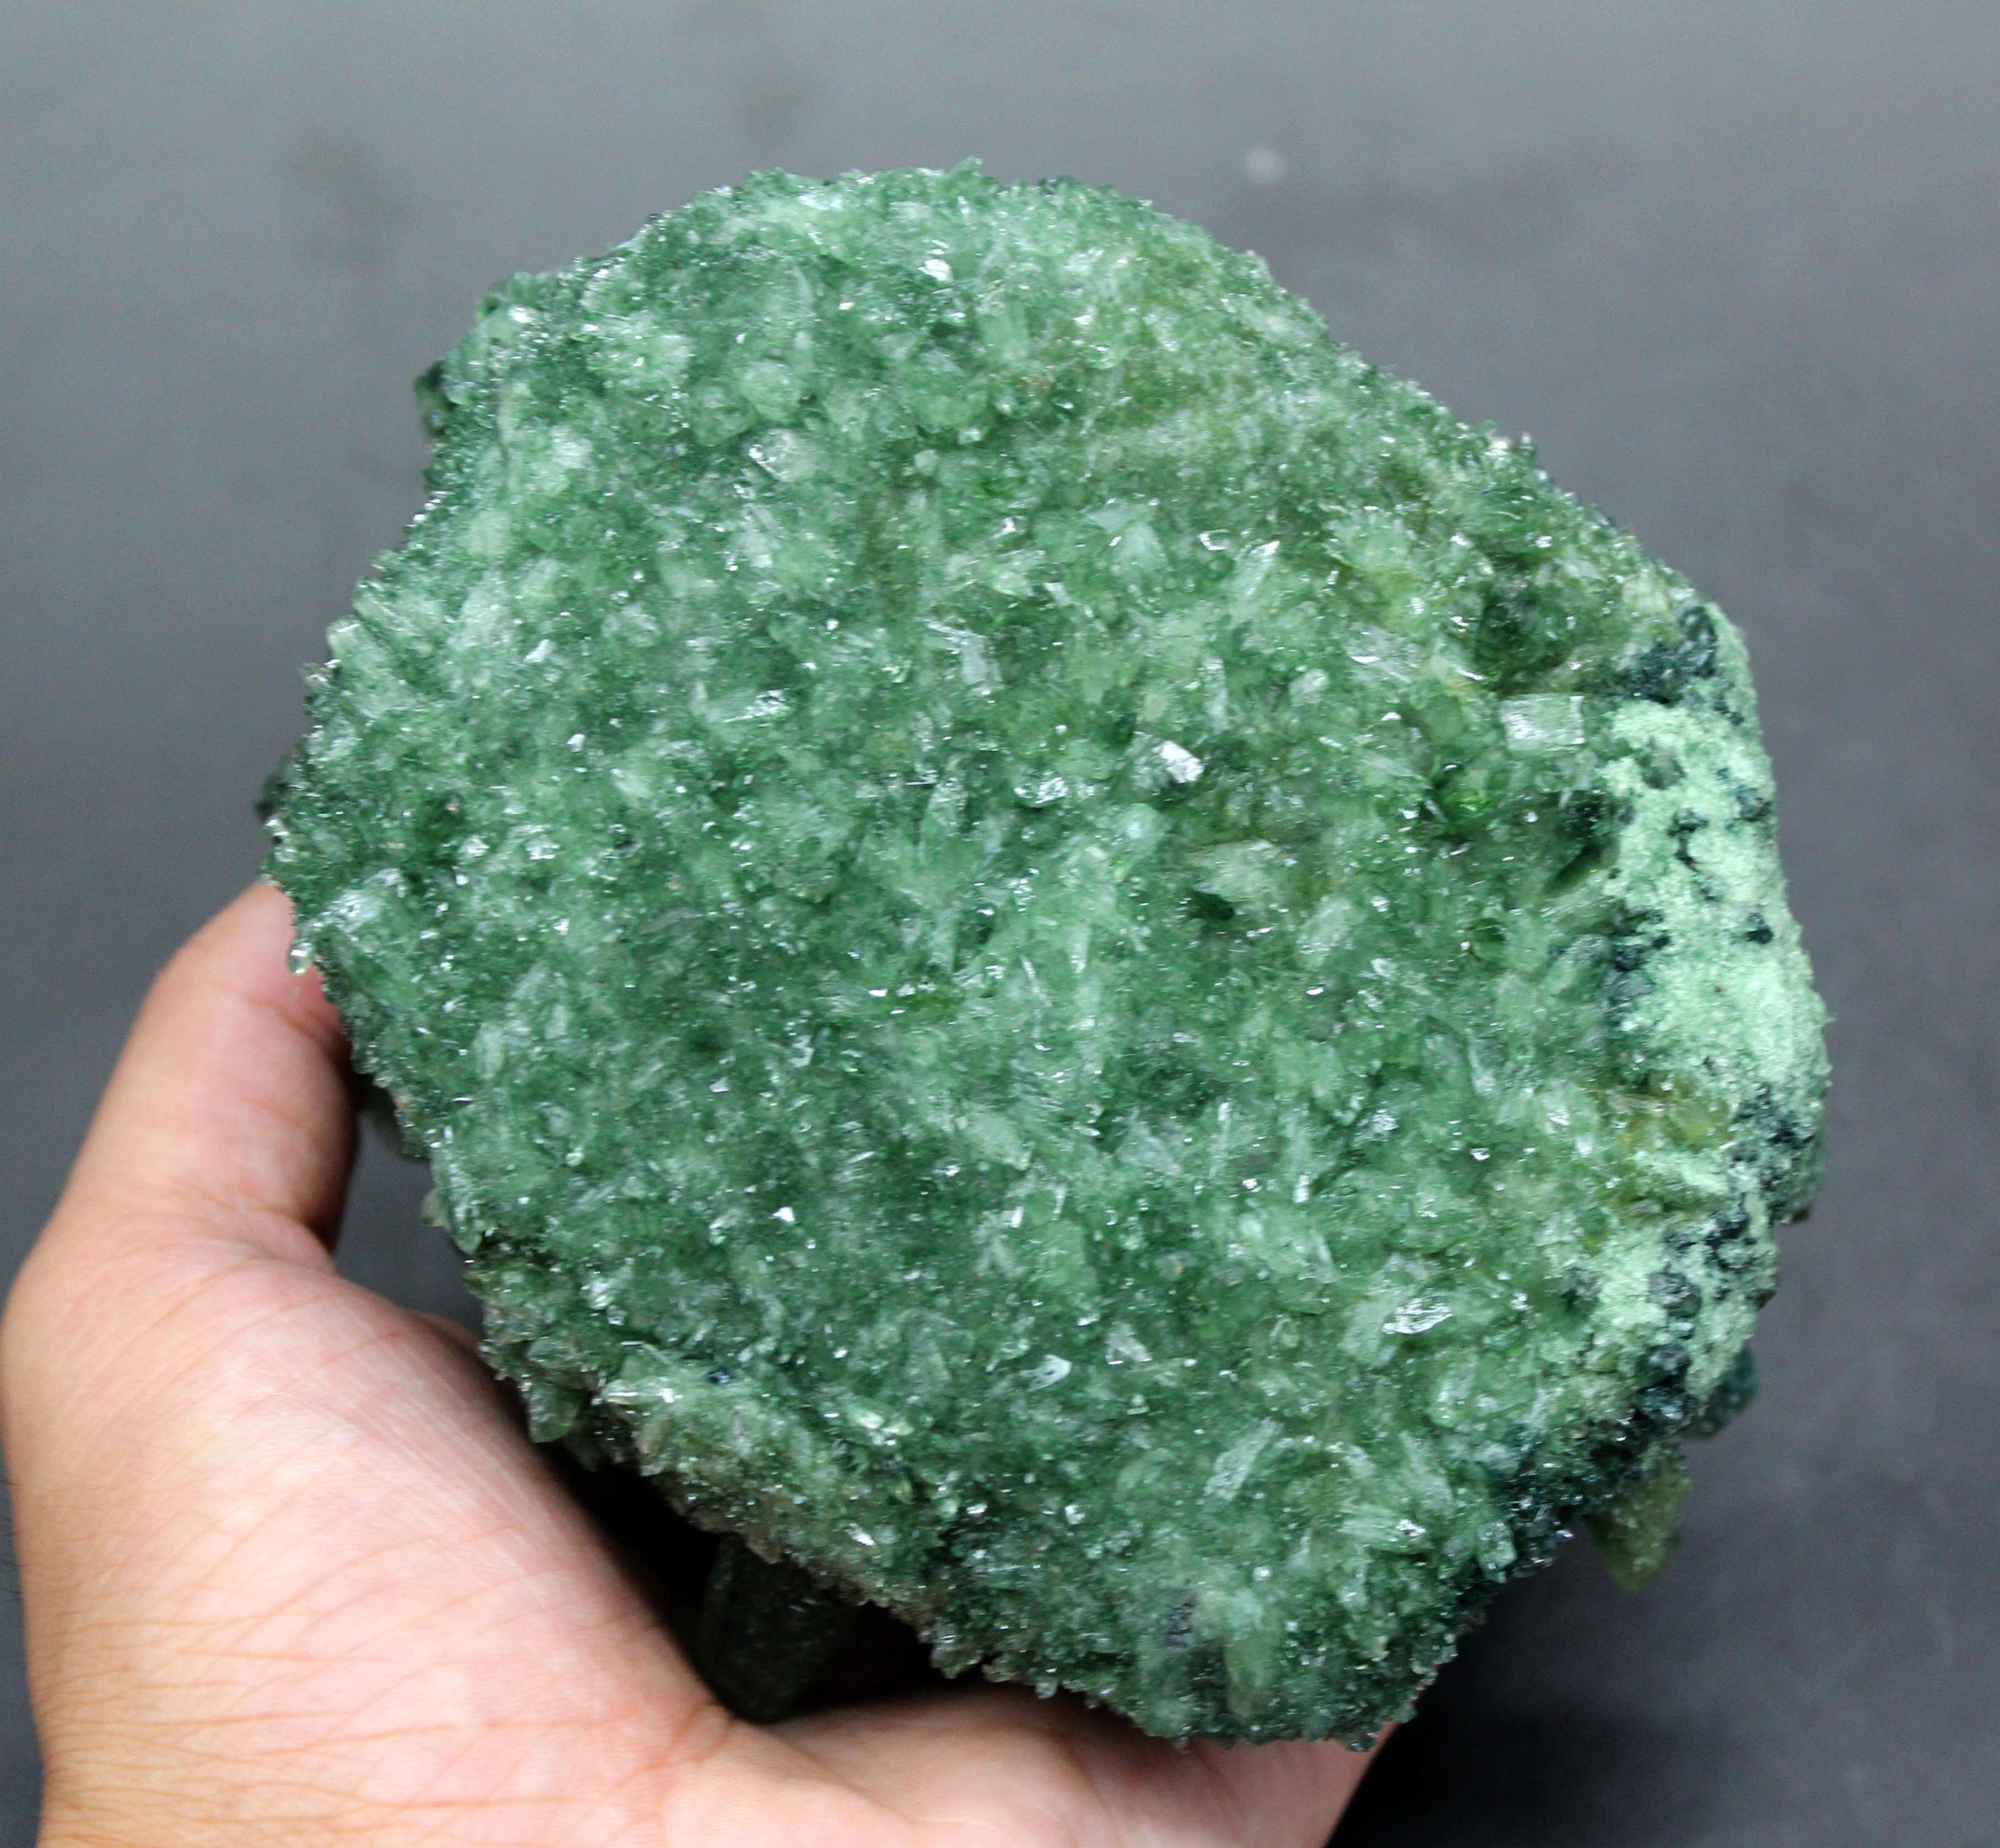 945g naturalny zielony duch Phantom kwarcowy bryła kryształowa kryształy i kamienie uzdrowienie próbki dekoracji darmowa prezent drewniana podstawa